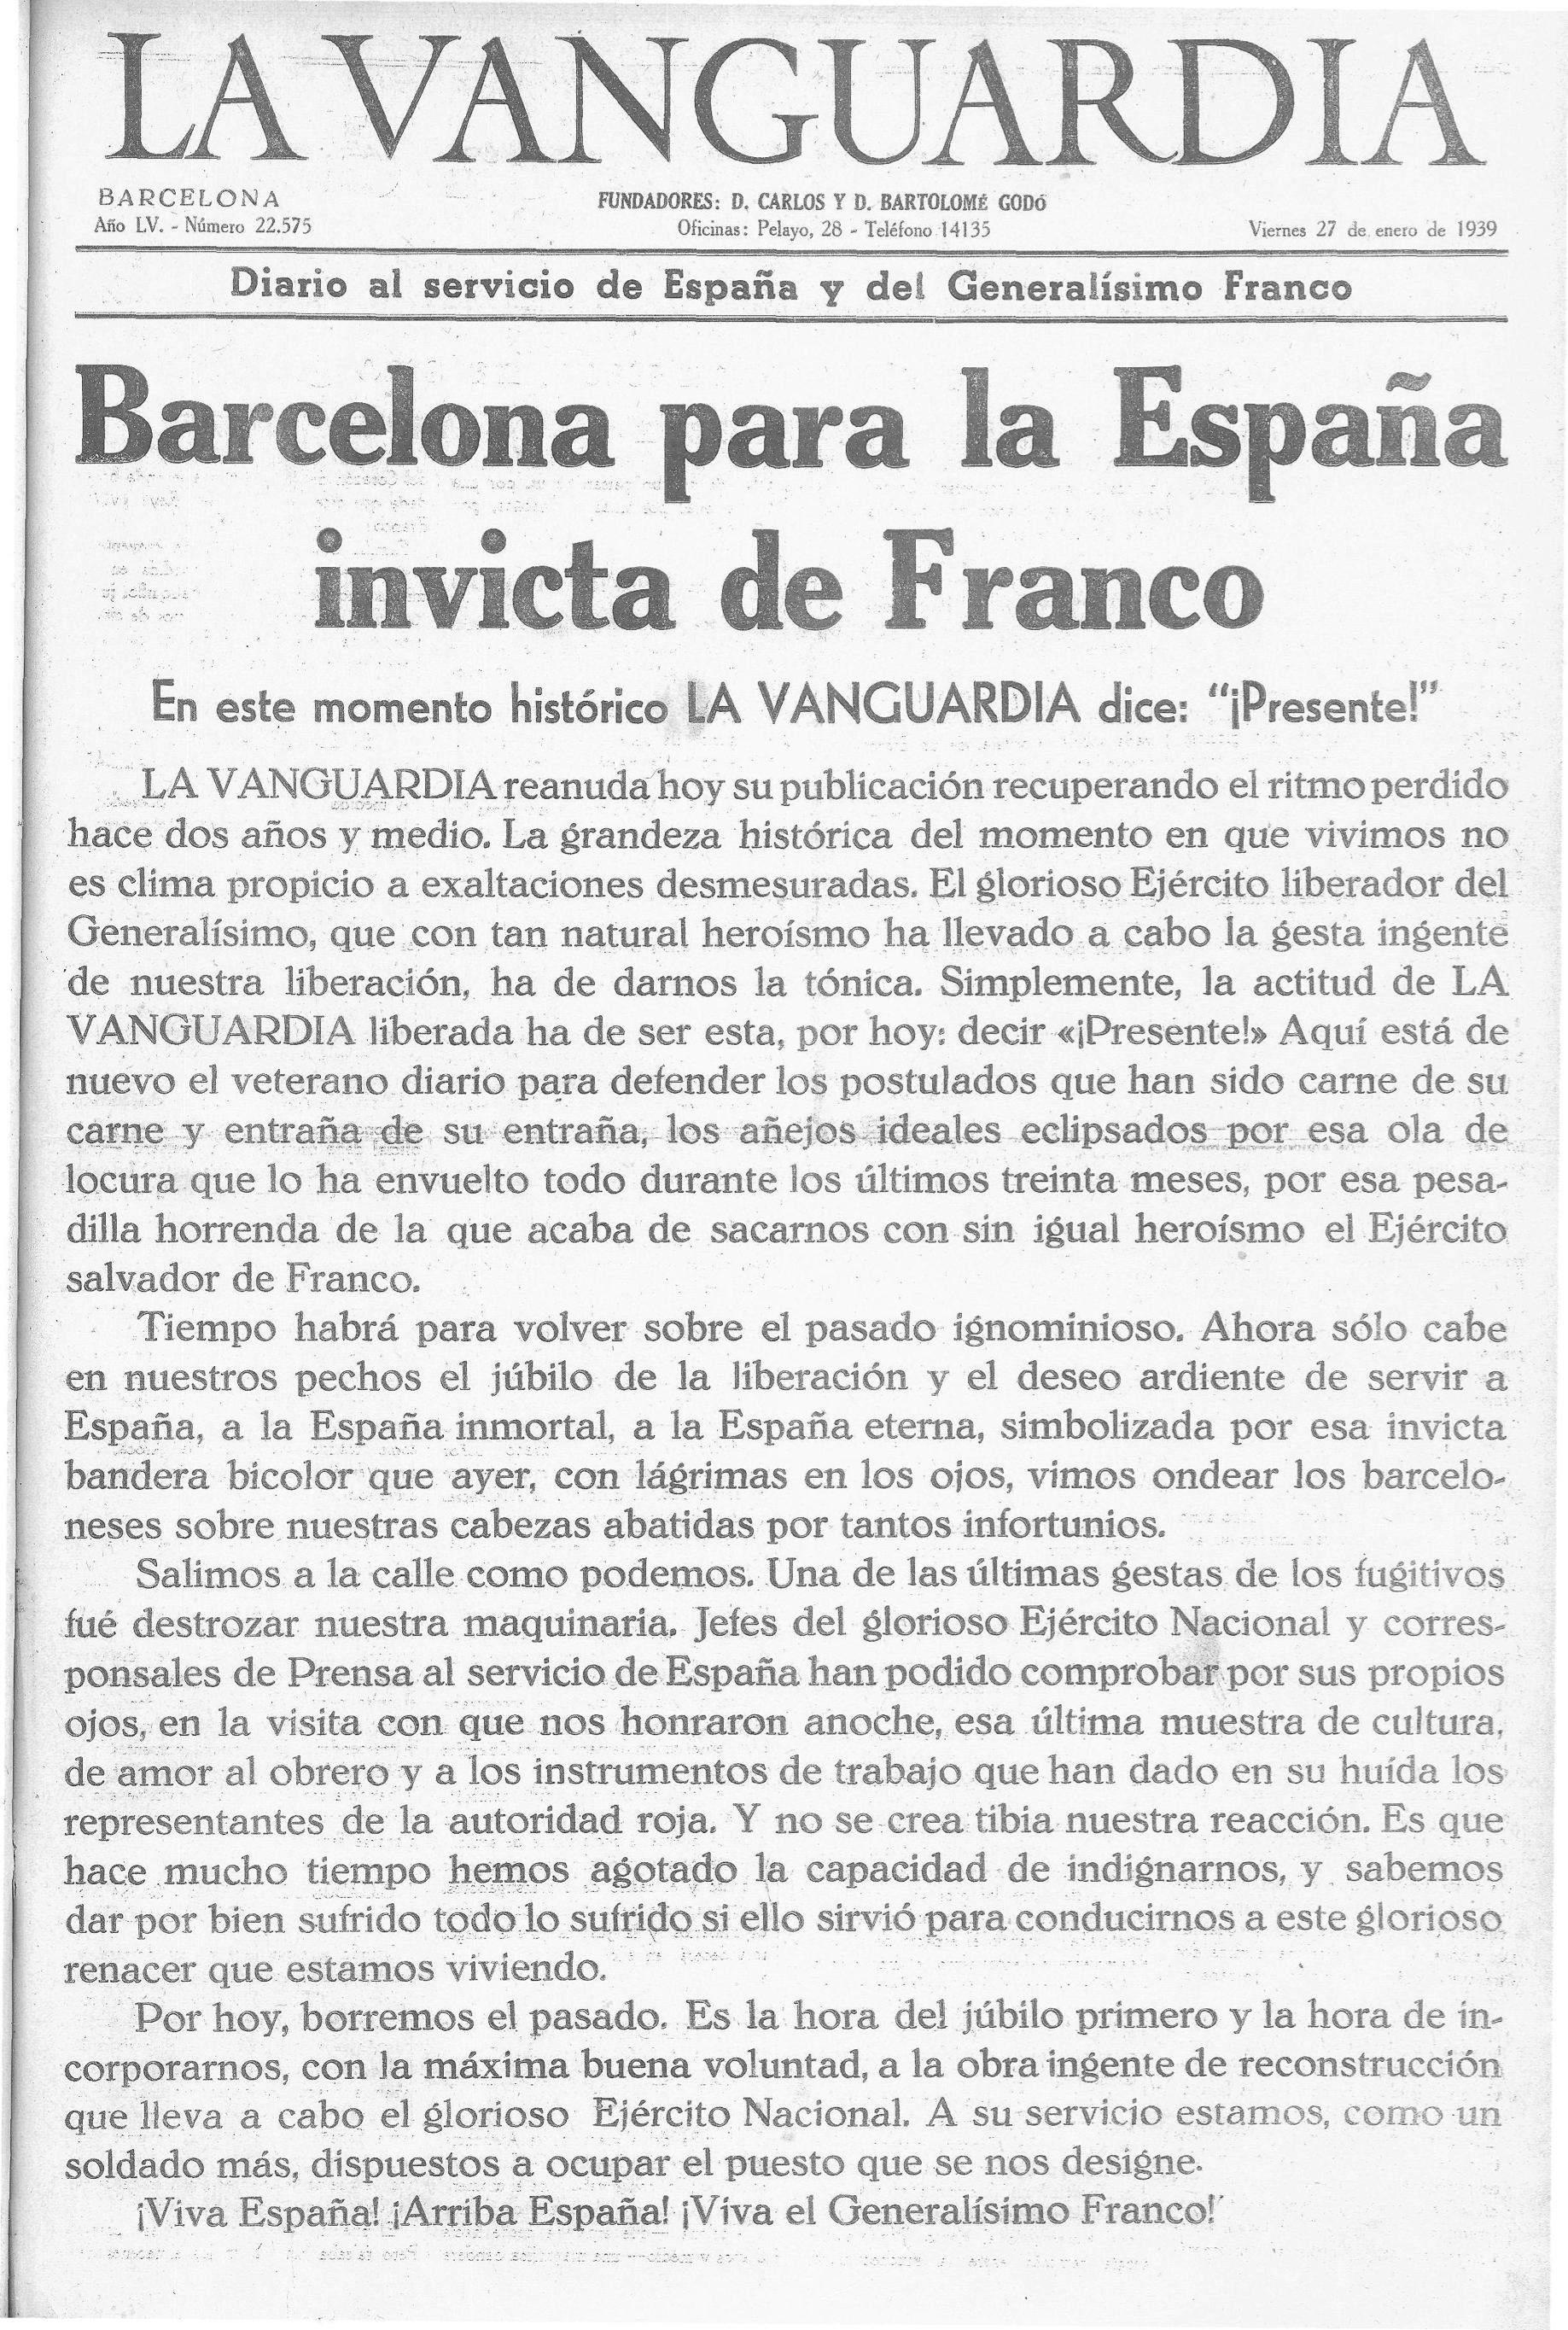 Portada de La Vanguardia del 27 de gener de 1939, després de la caiguda de Barcelona davant les tropes franquistes.